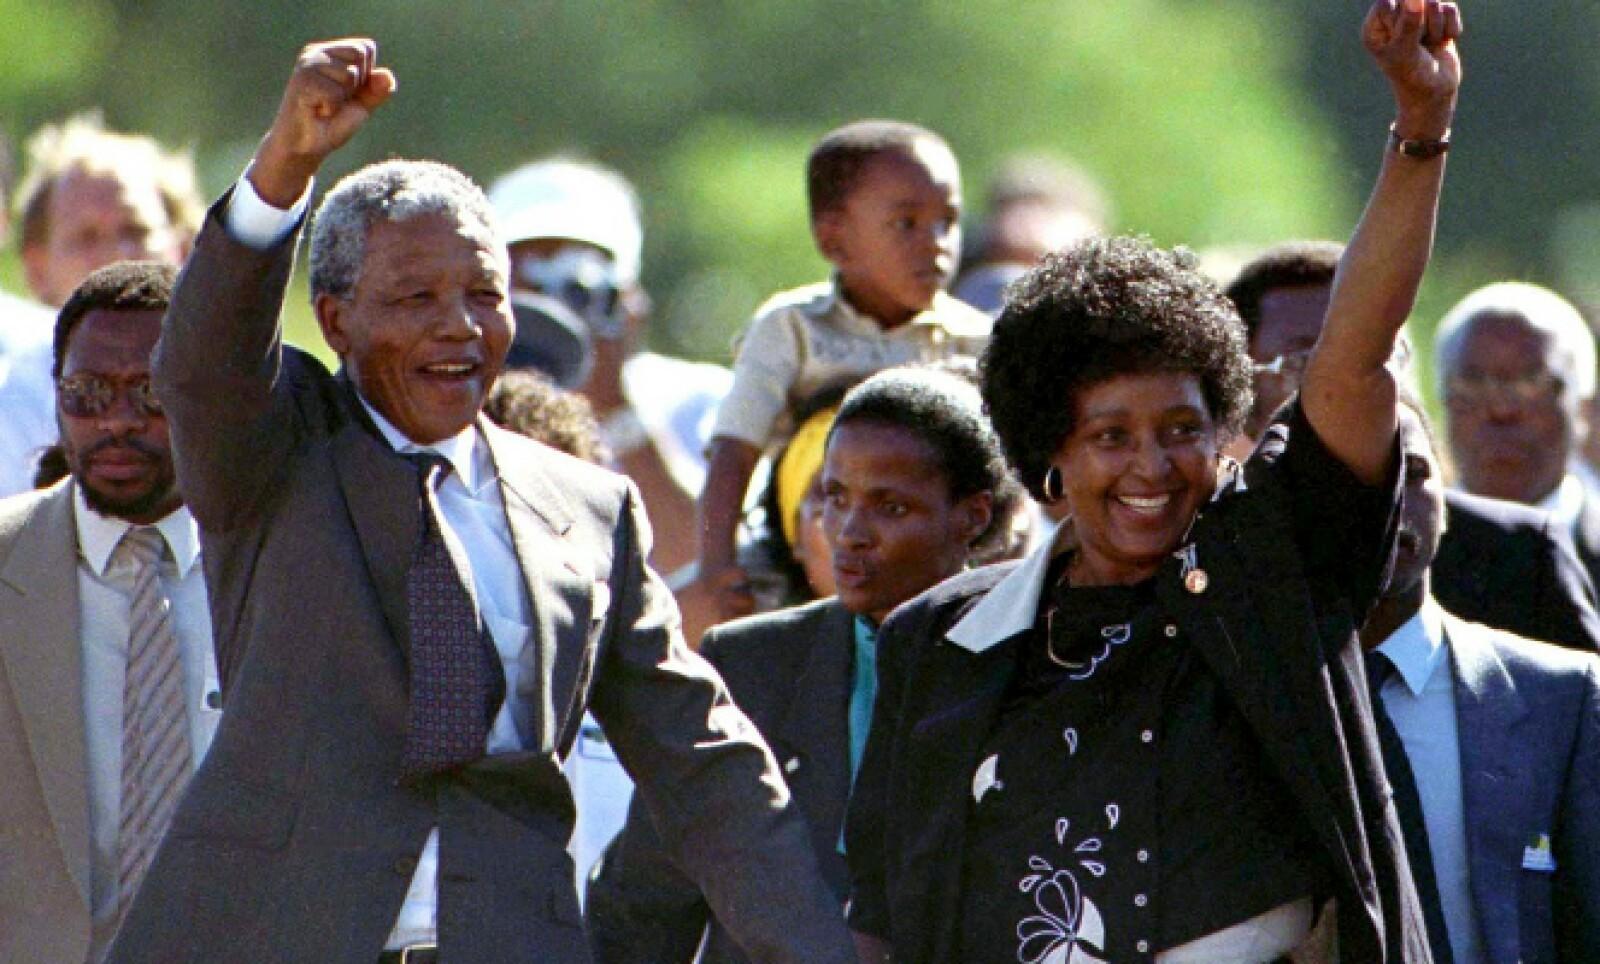 El expresidente sudafricano se caracterizó siempre por su apoyo incondicional a numerosas causas solidarias que mantienen vivo el legado moral de un hombre que dedicó su vida a los demás.